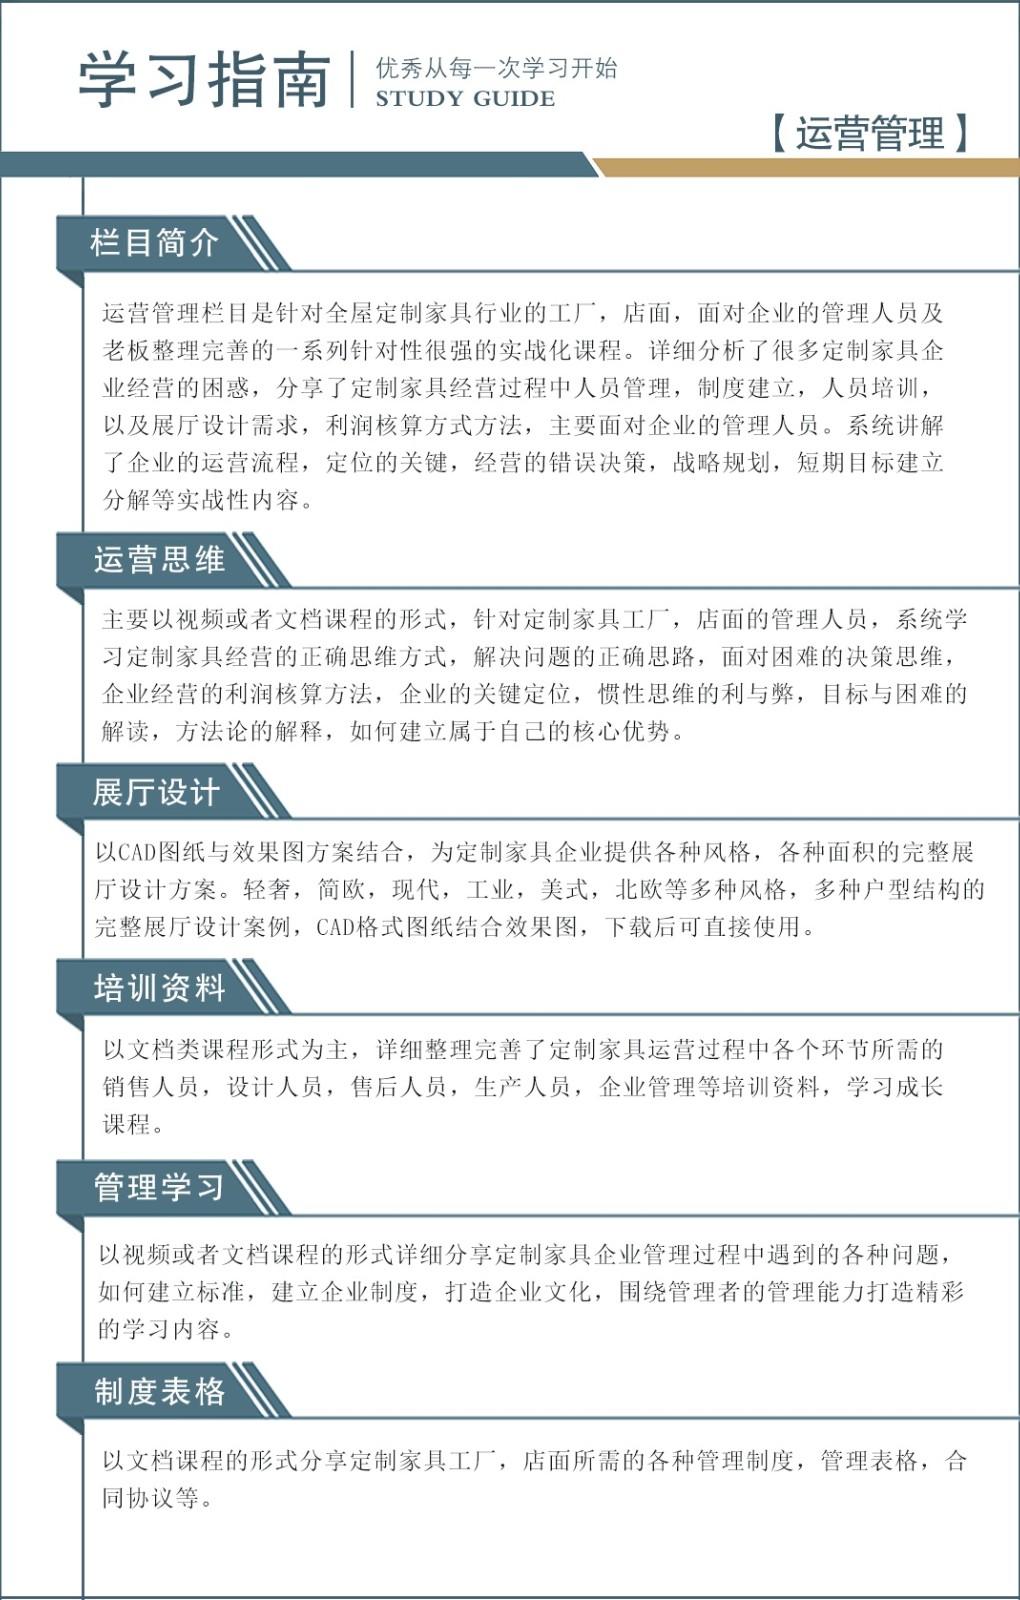 运营管理学习指南_看图王.jpg